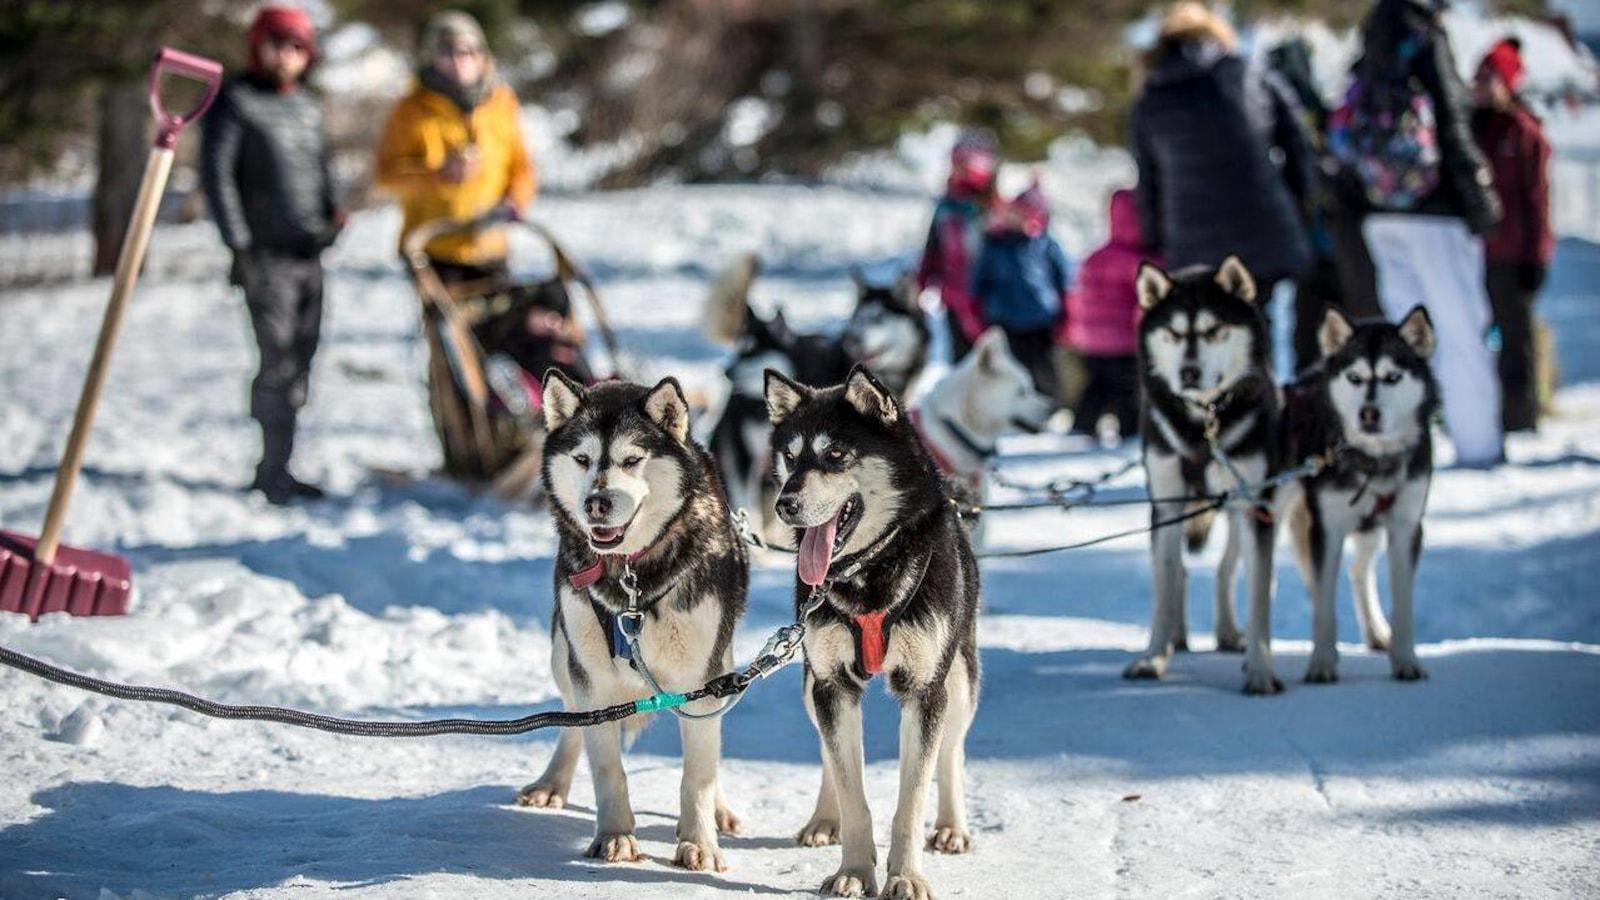 On voit des chiens husky attelés pour la promenade en traîneau